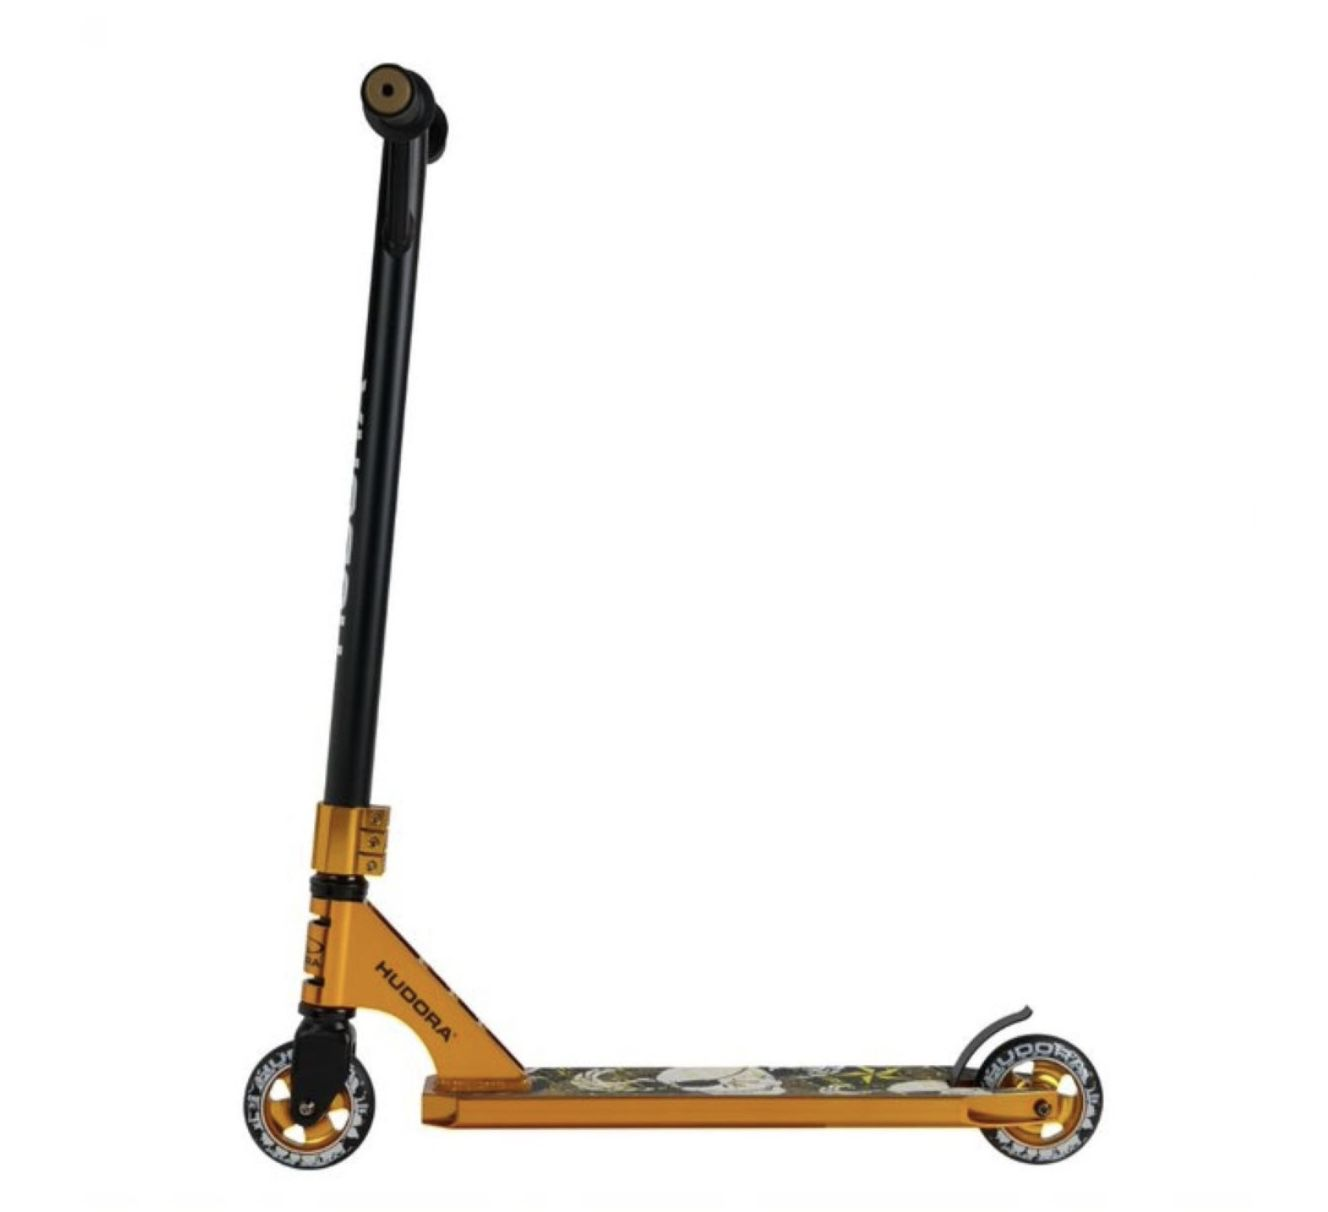 HUDORA 14027 Stunt Scooter XR 25 in Gold für 61,24€ (statt 79€)